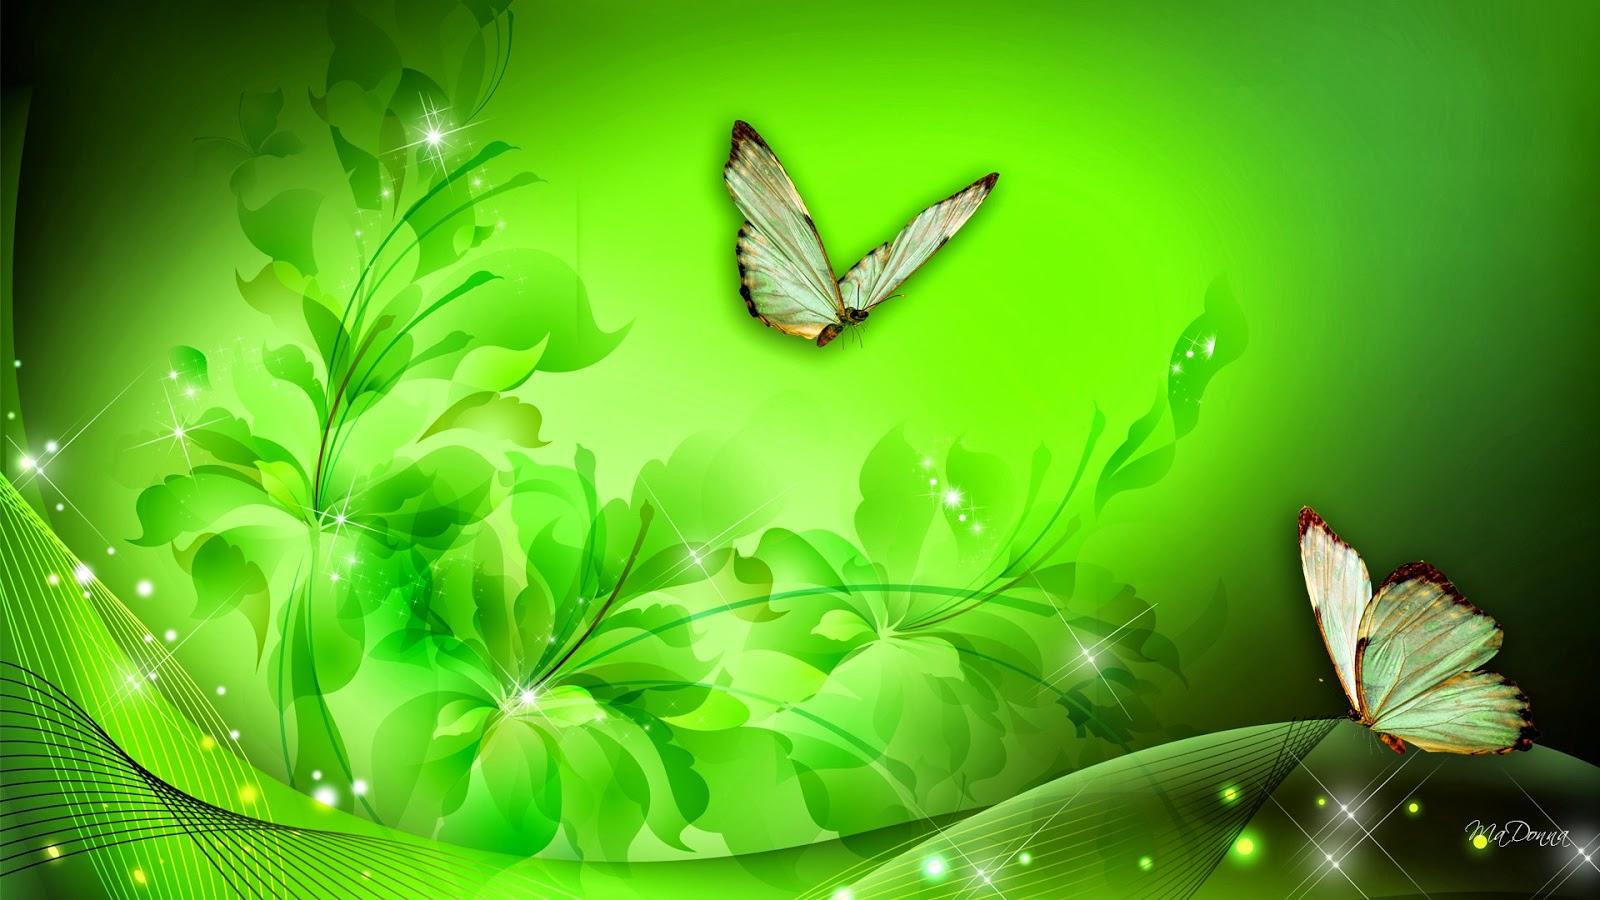 Imagenes ZT - Descarga fondos HD: Fondo de Pantalla Dia de san patricio mariposas verdes